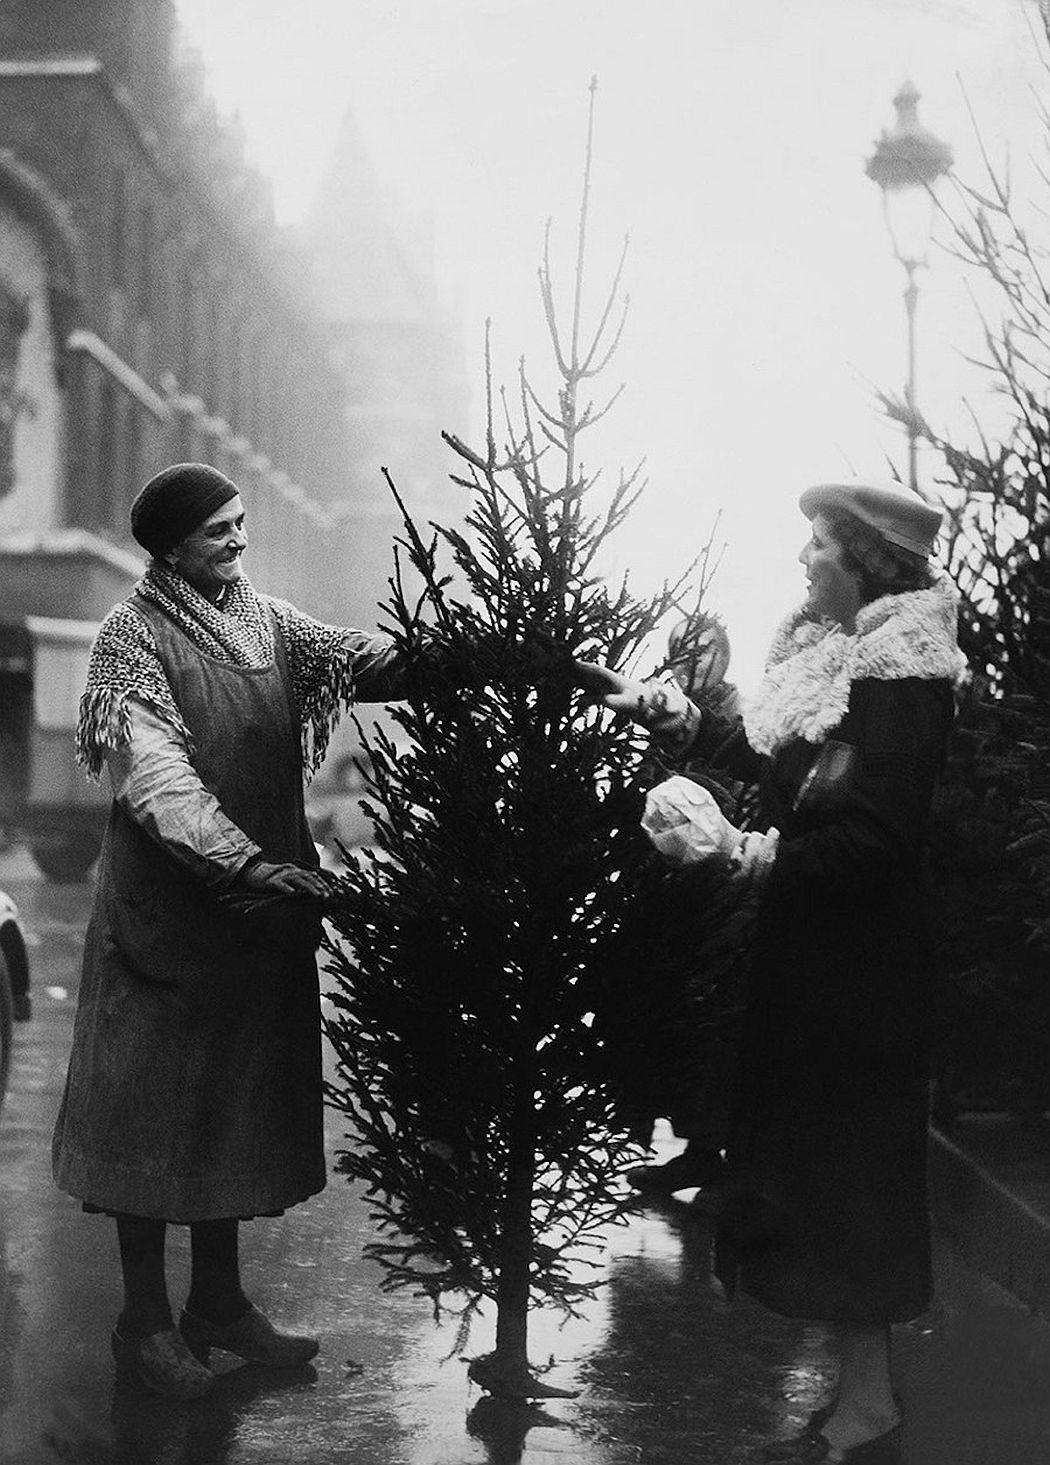 vintage-christmas-in-paris-1920s-1970s-06